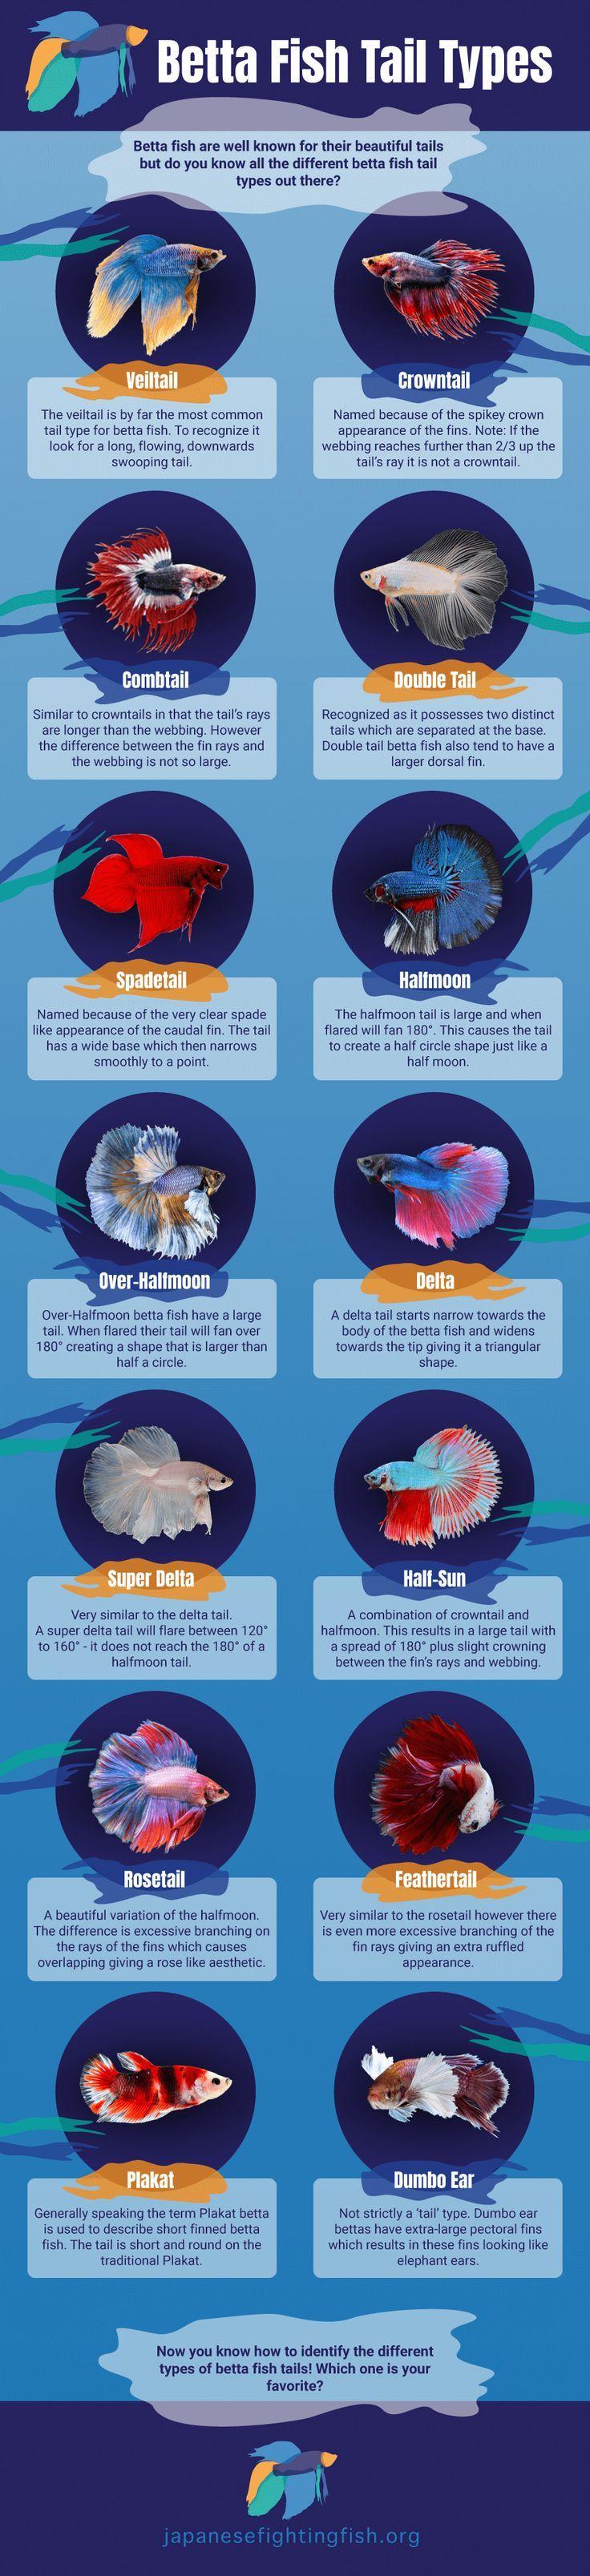 196 best Aquarium images on Pinterest